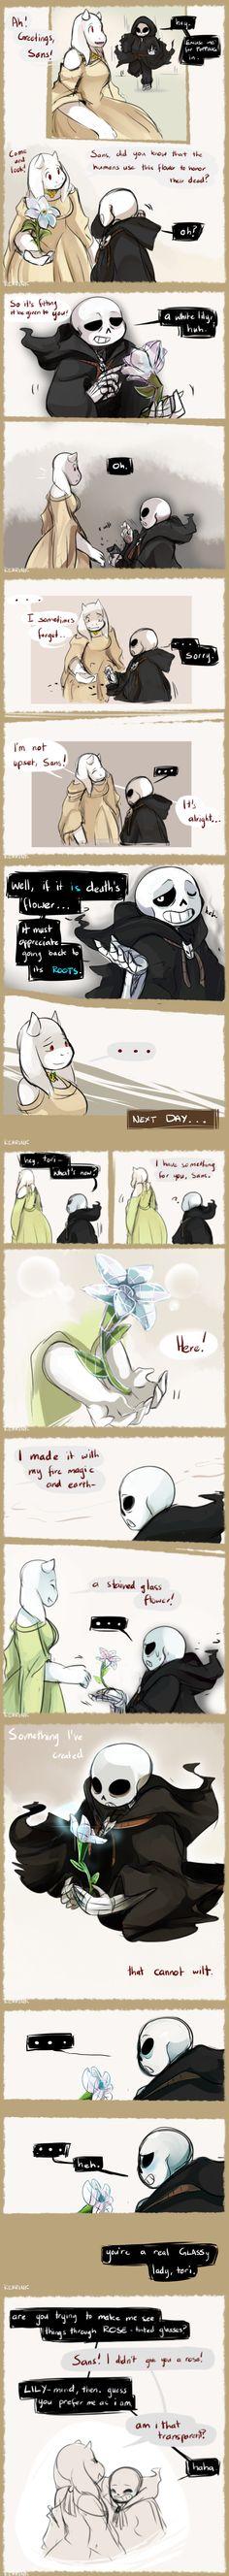 Toriel and Sans - Reapertale AU - comic